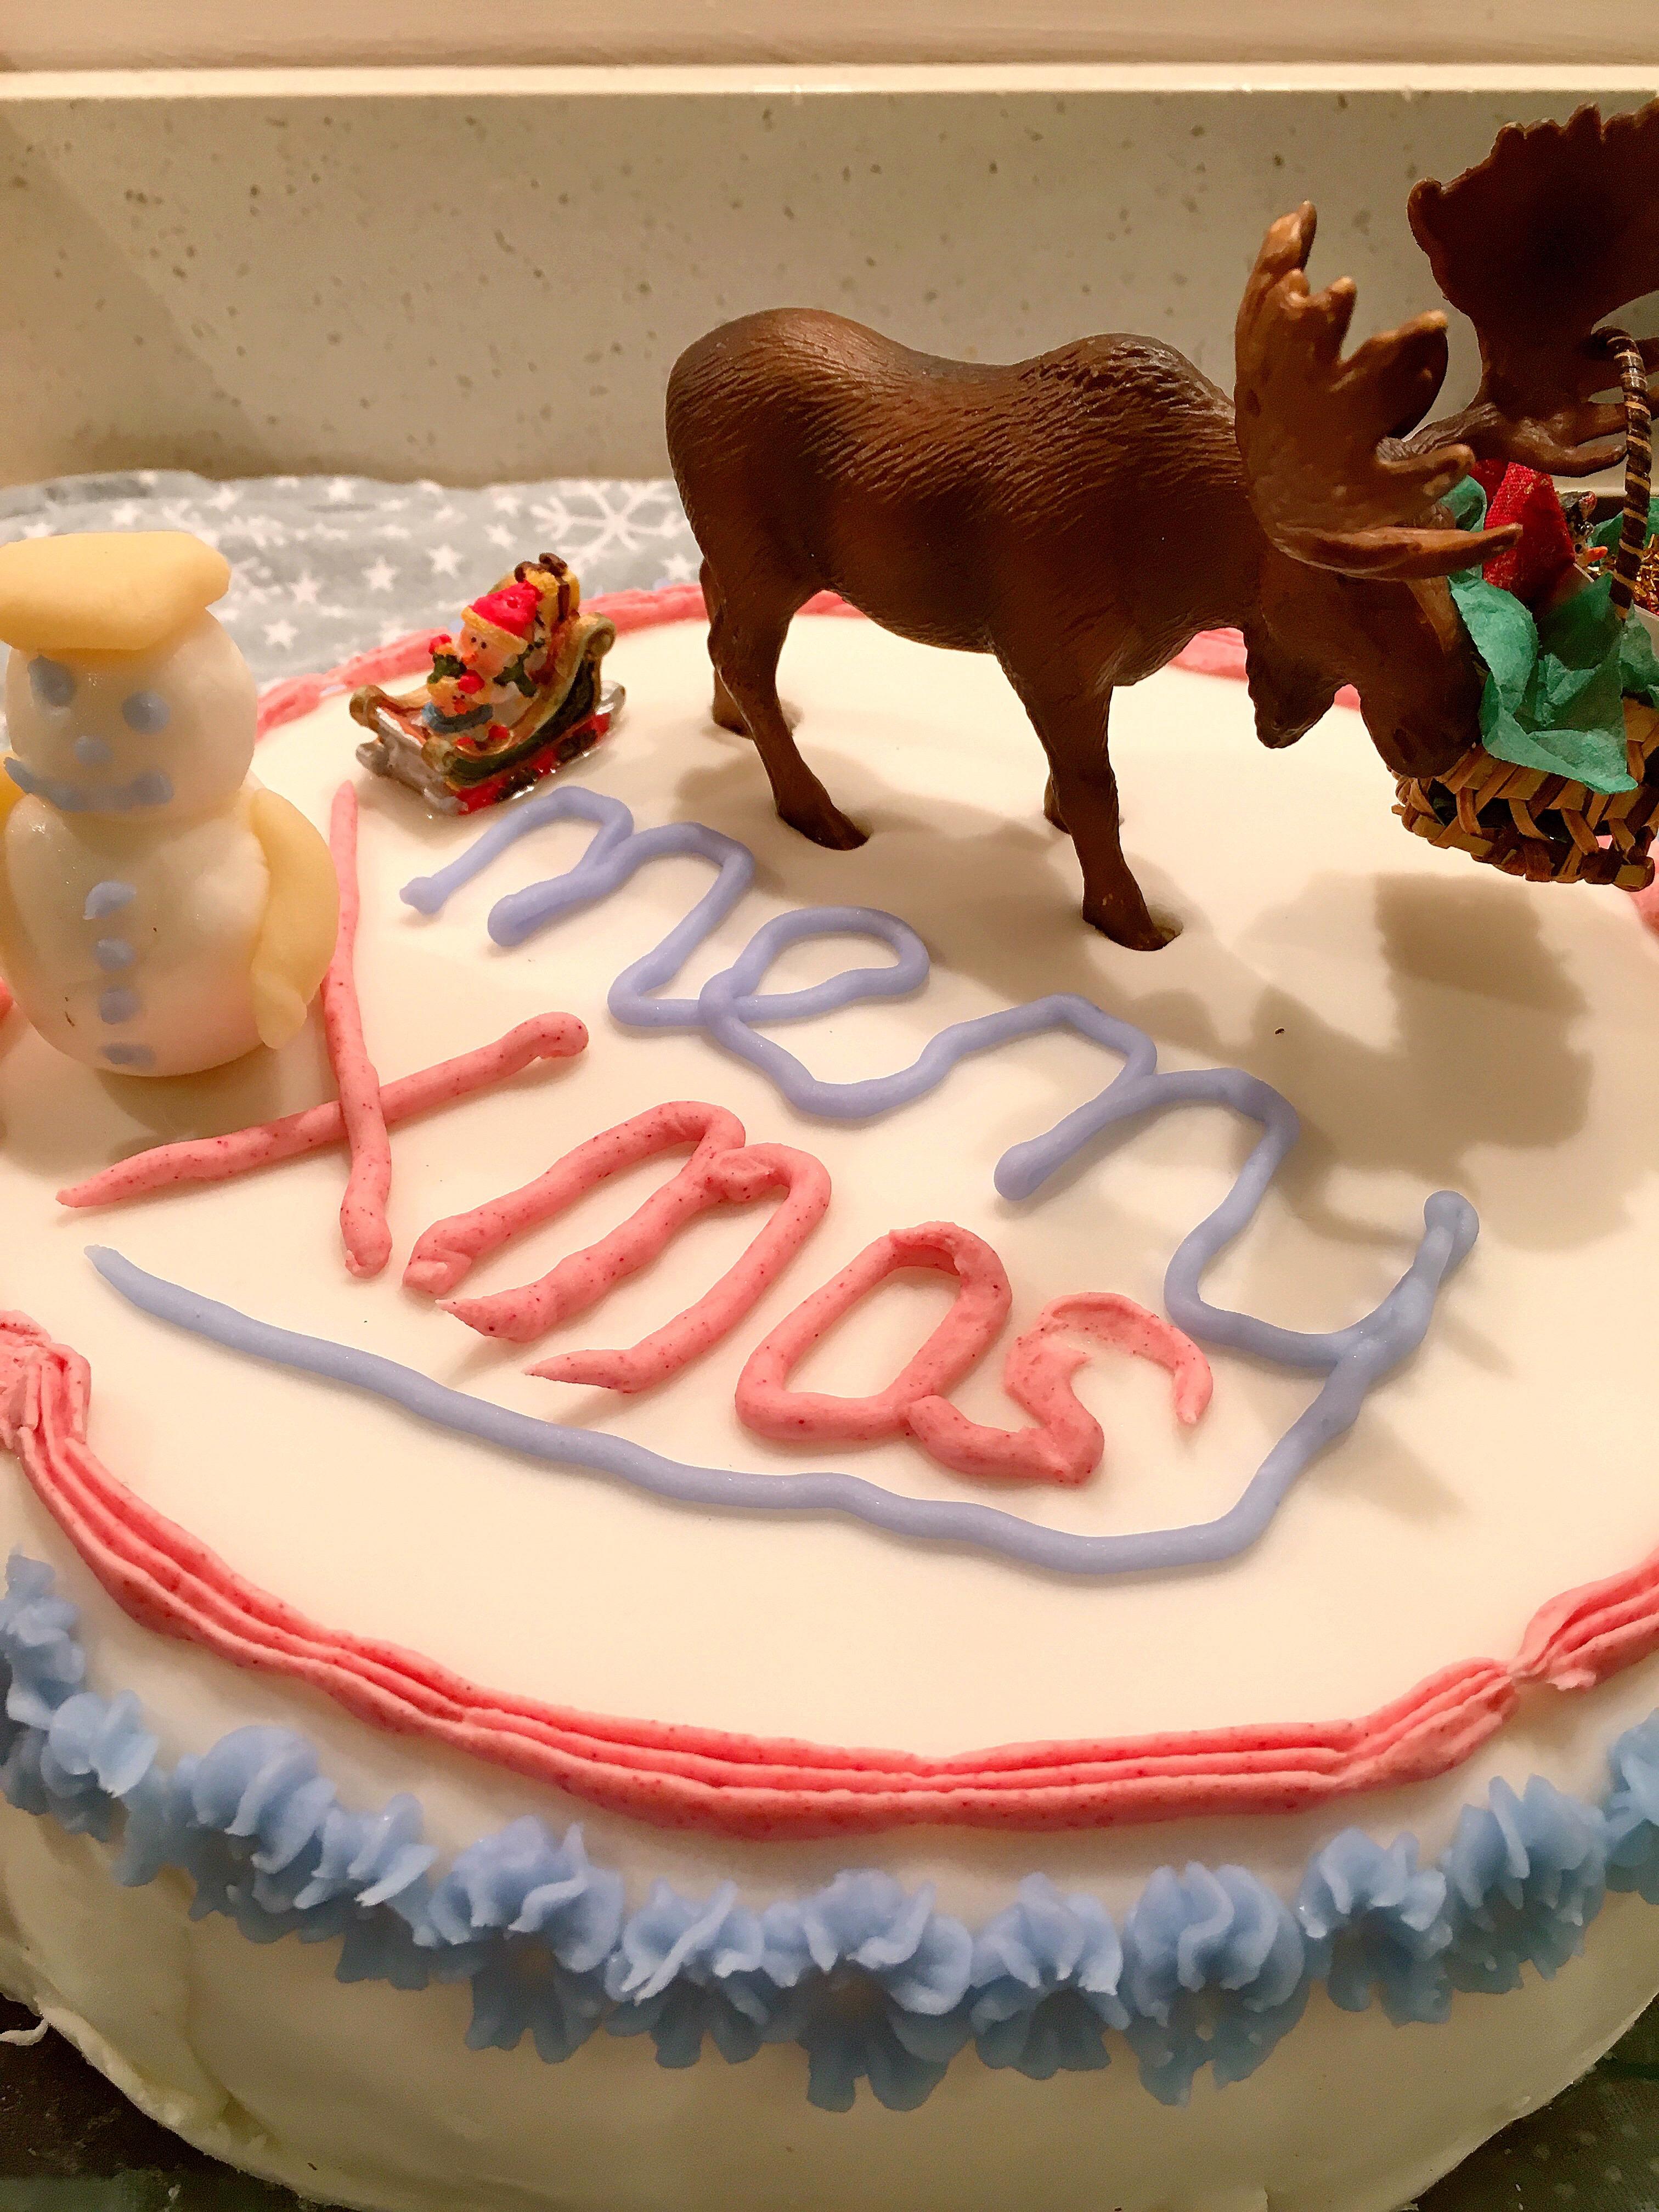 Oily cake for the anniversary: description, recipe, decorations, photo